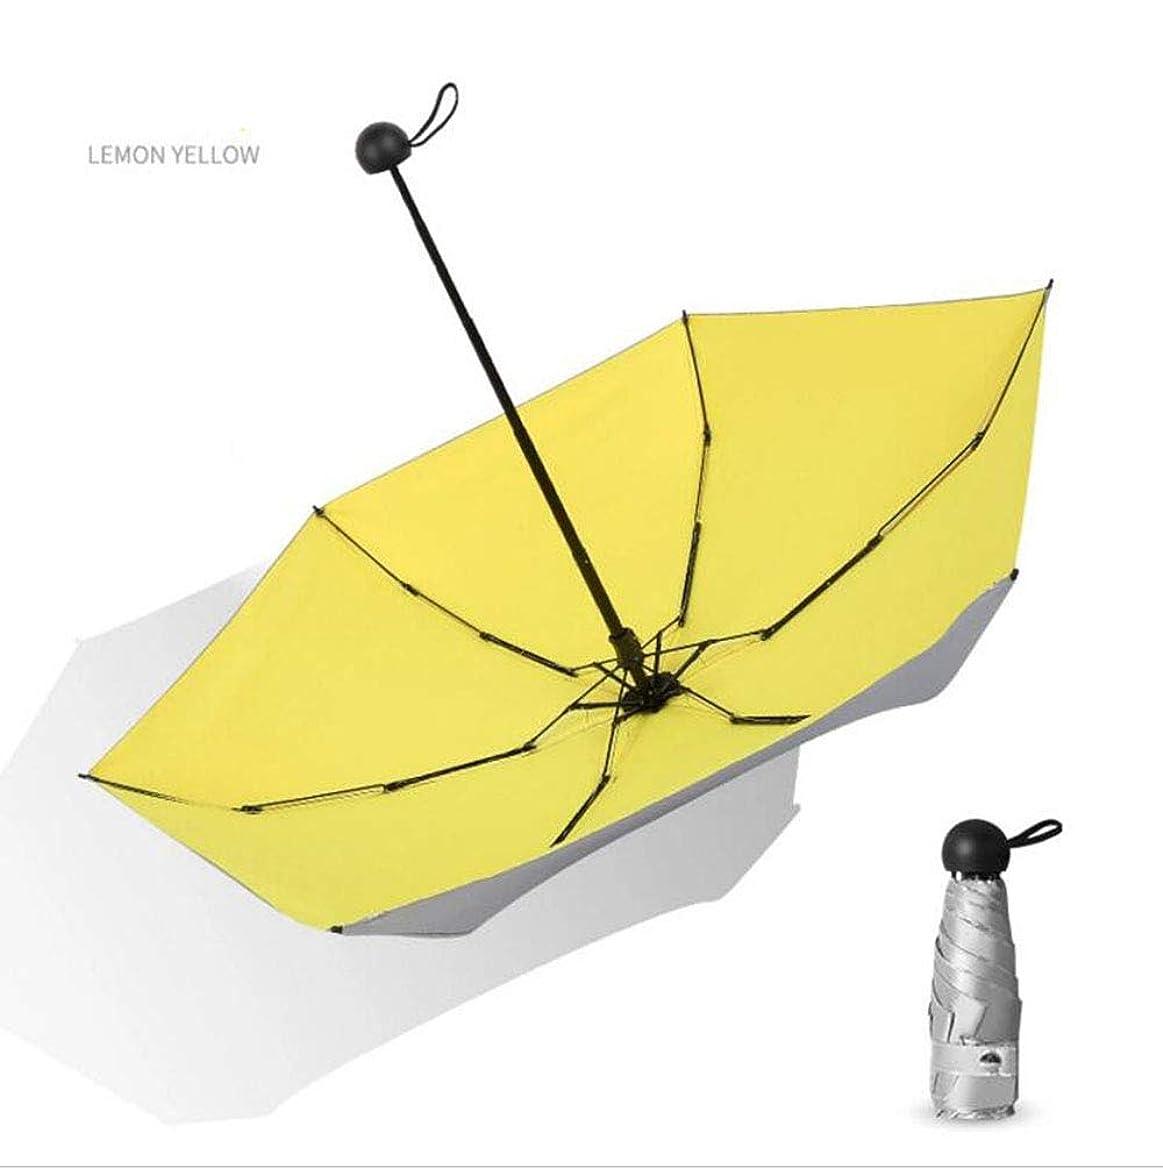 小説自慢ストライク折りたたみ傘 日傘 超軽量 UVカット率99.9% UV加工塗装 ミニ傘 携帯しやすい 男女兼用 UPF50+ 紫外線対策 日焼け防止 晴雨両用 プレゼント